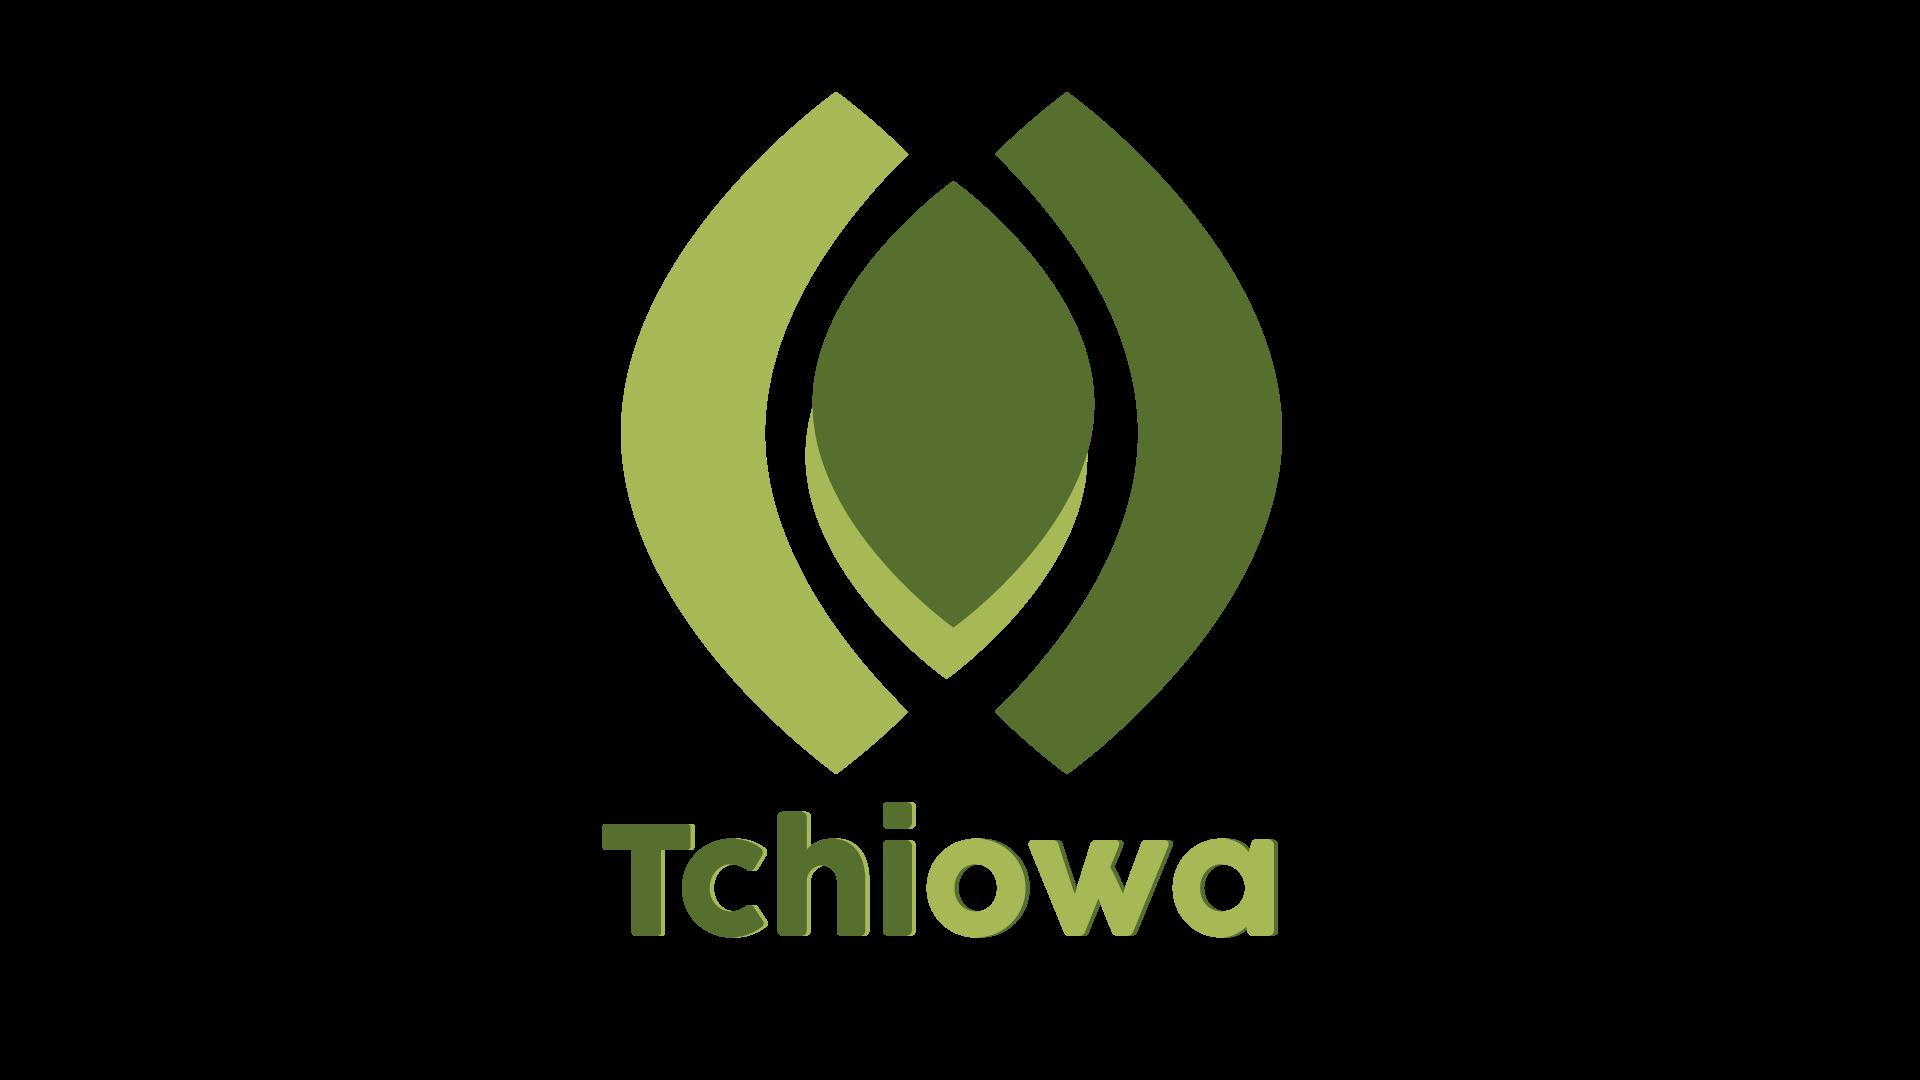 Tchiowa Inc.